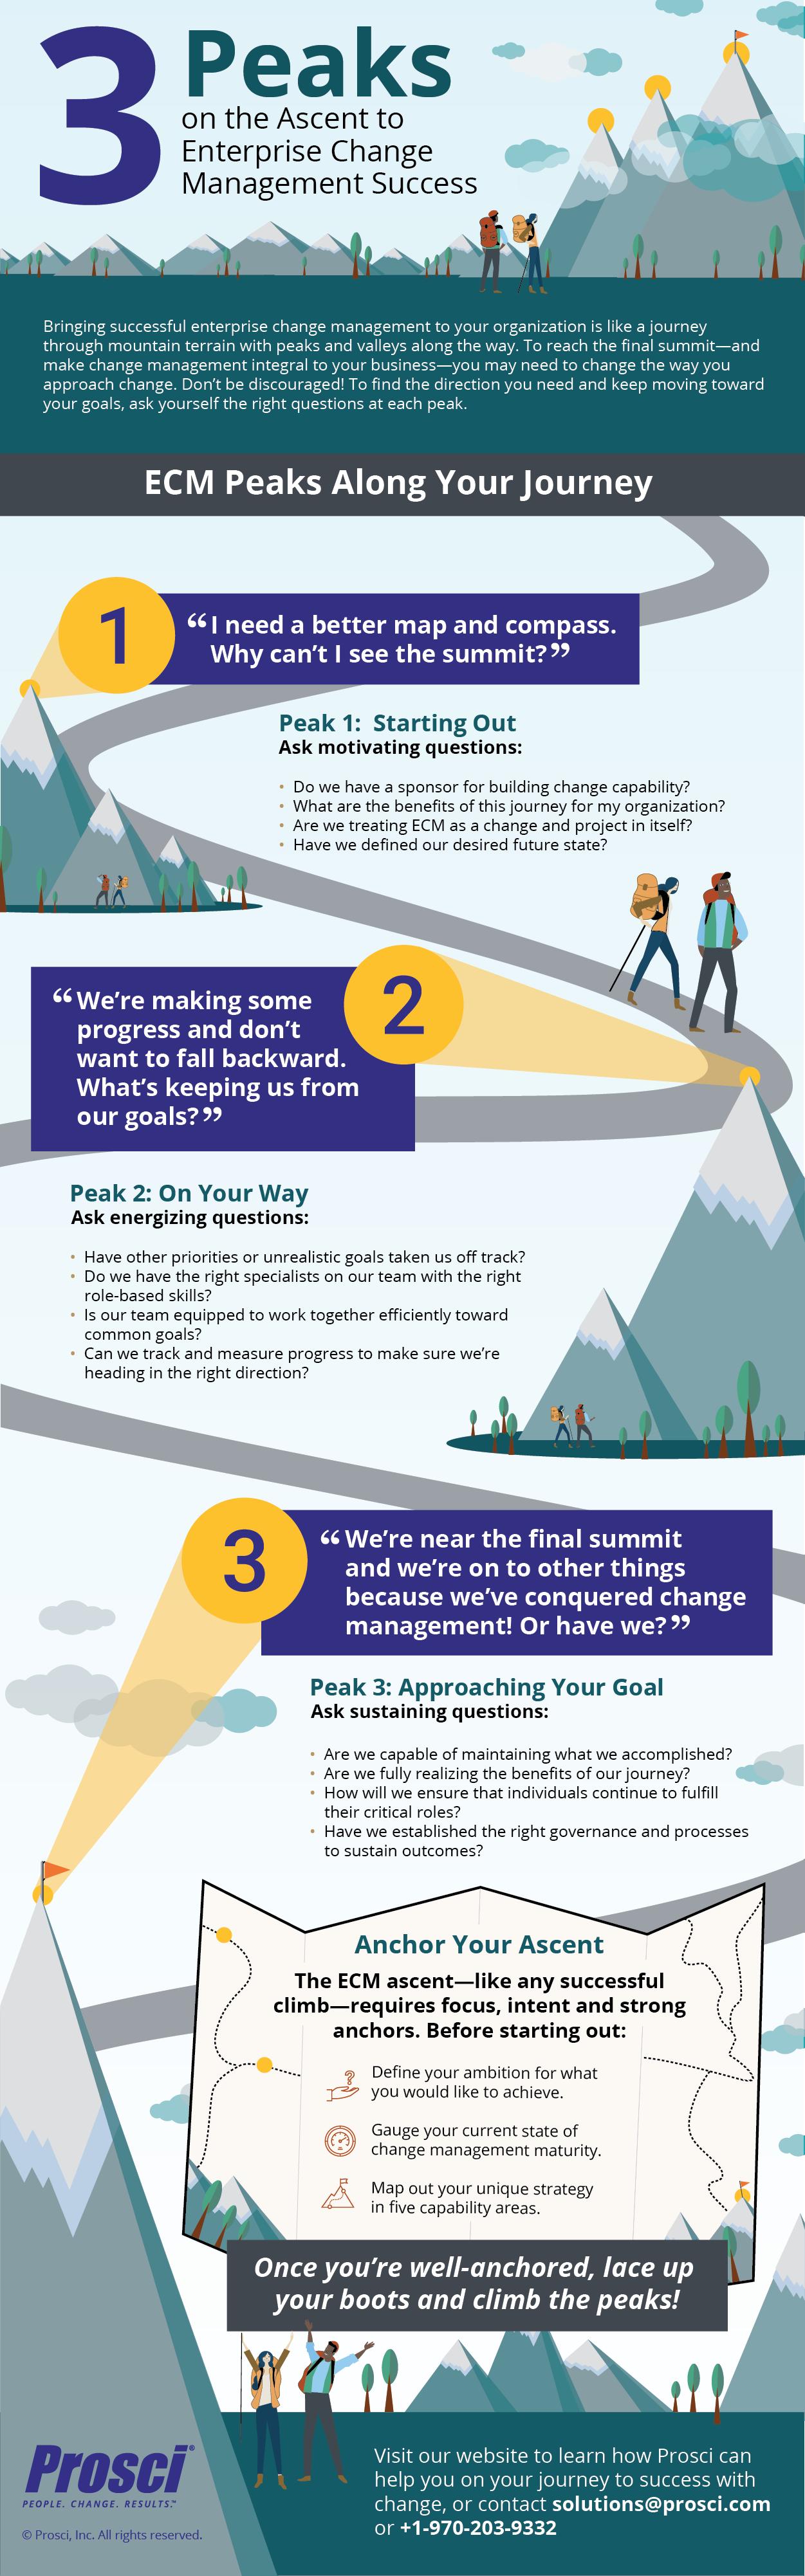 Prosci-ECM-Journey-Infographic